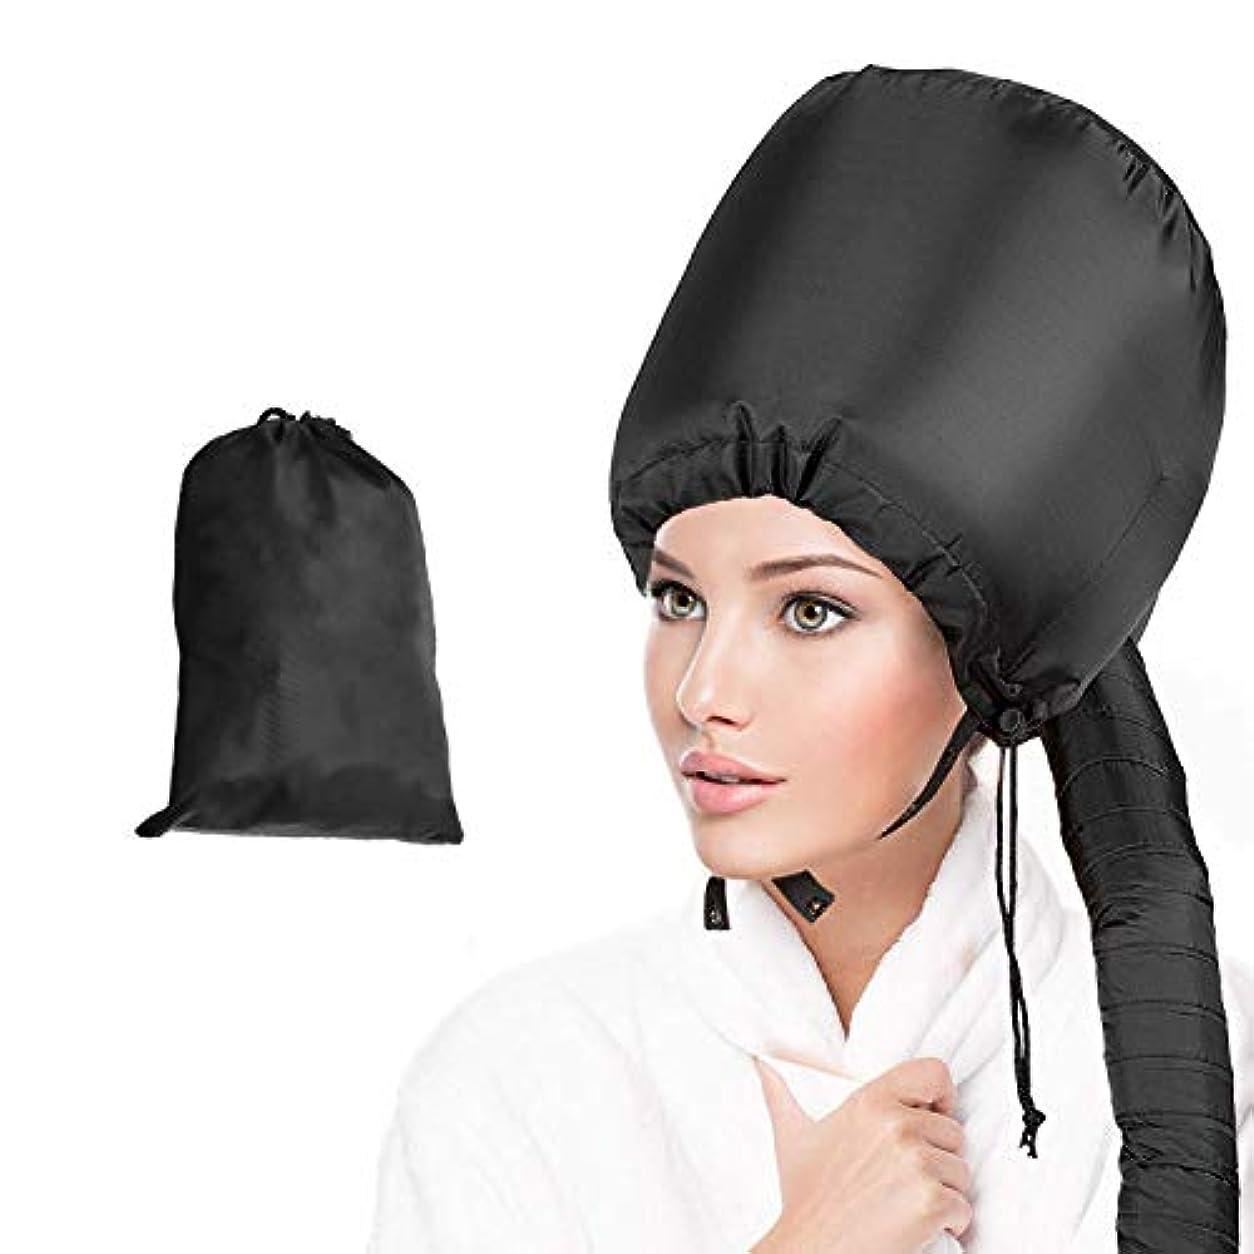 受け入れた貯水池引退したWeanas ヘアドライヤーキャップ 髪干し帽子 髪ケア ホームサロン 携帯収納ケース付き